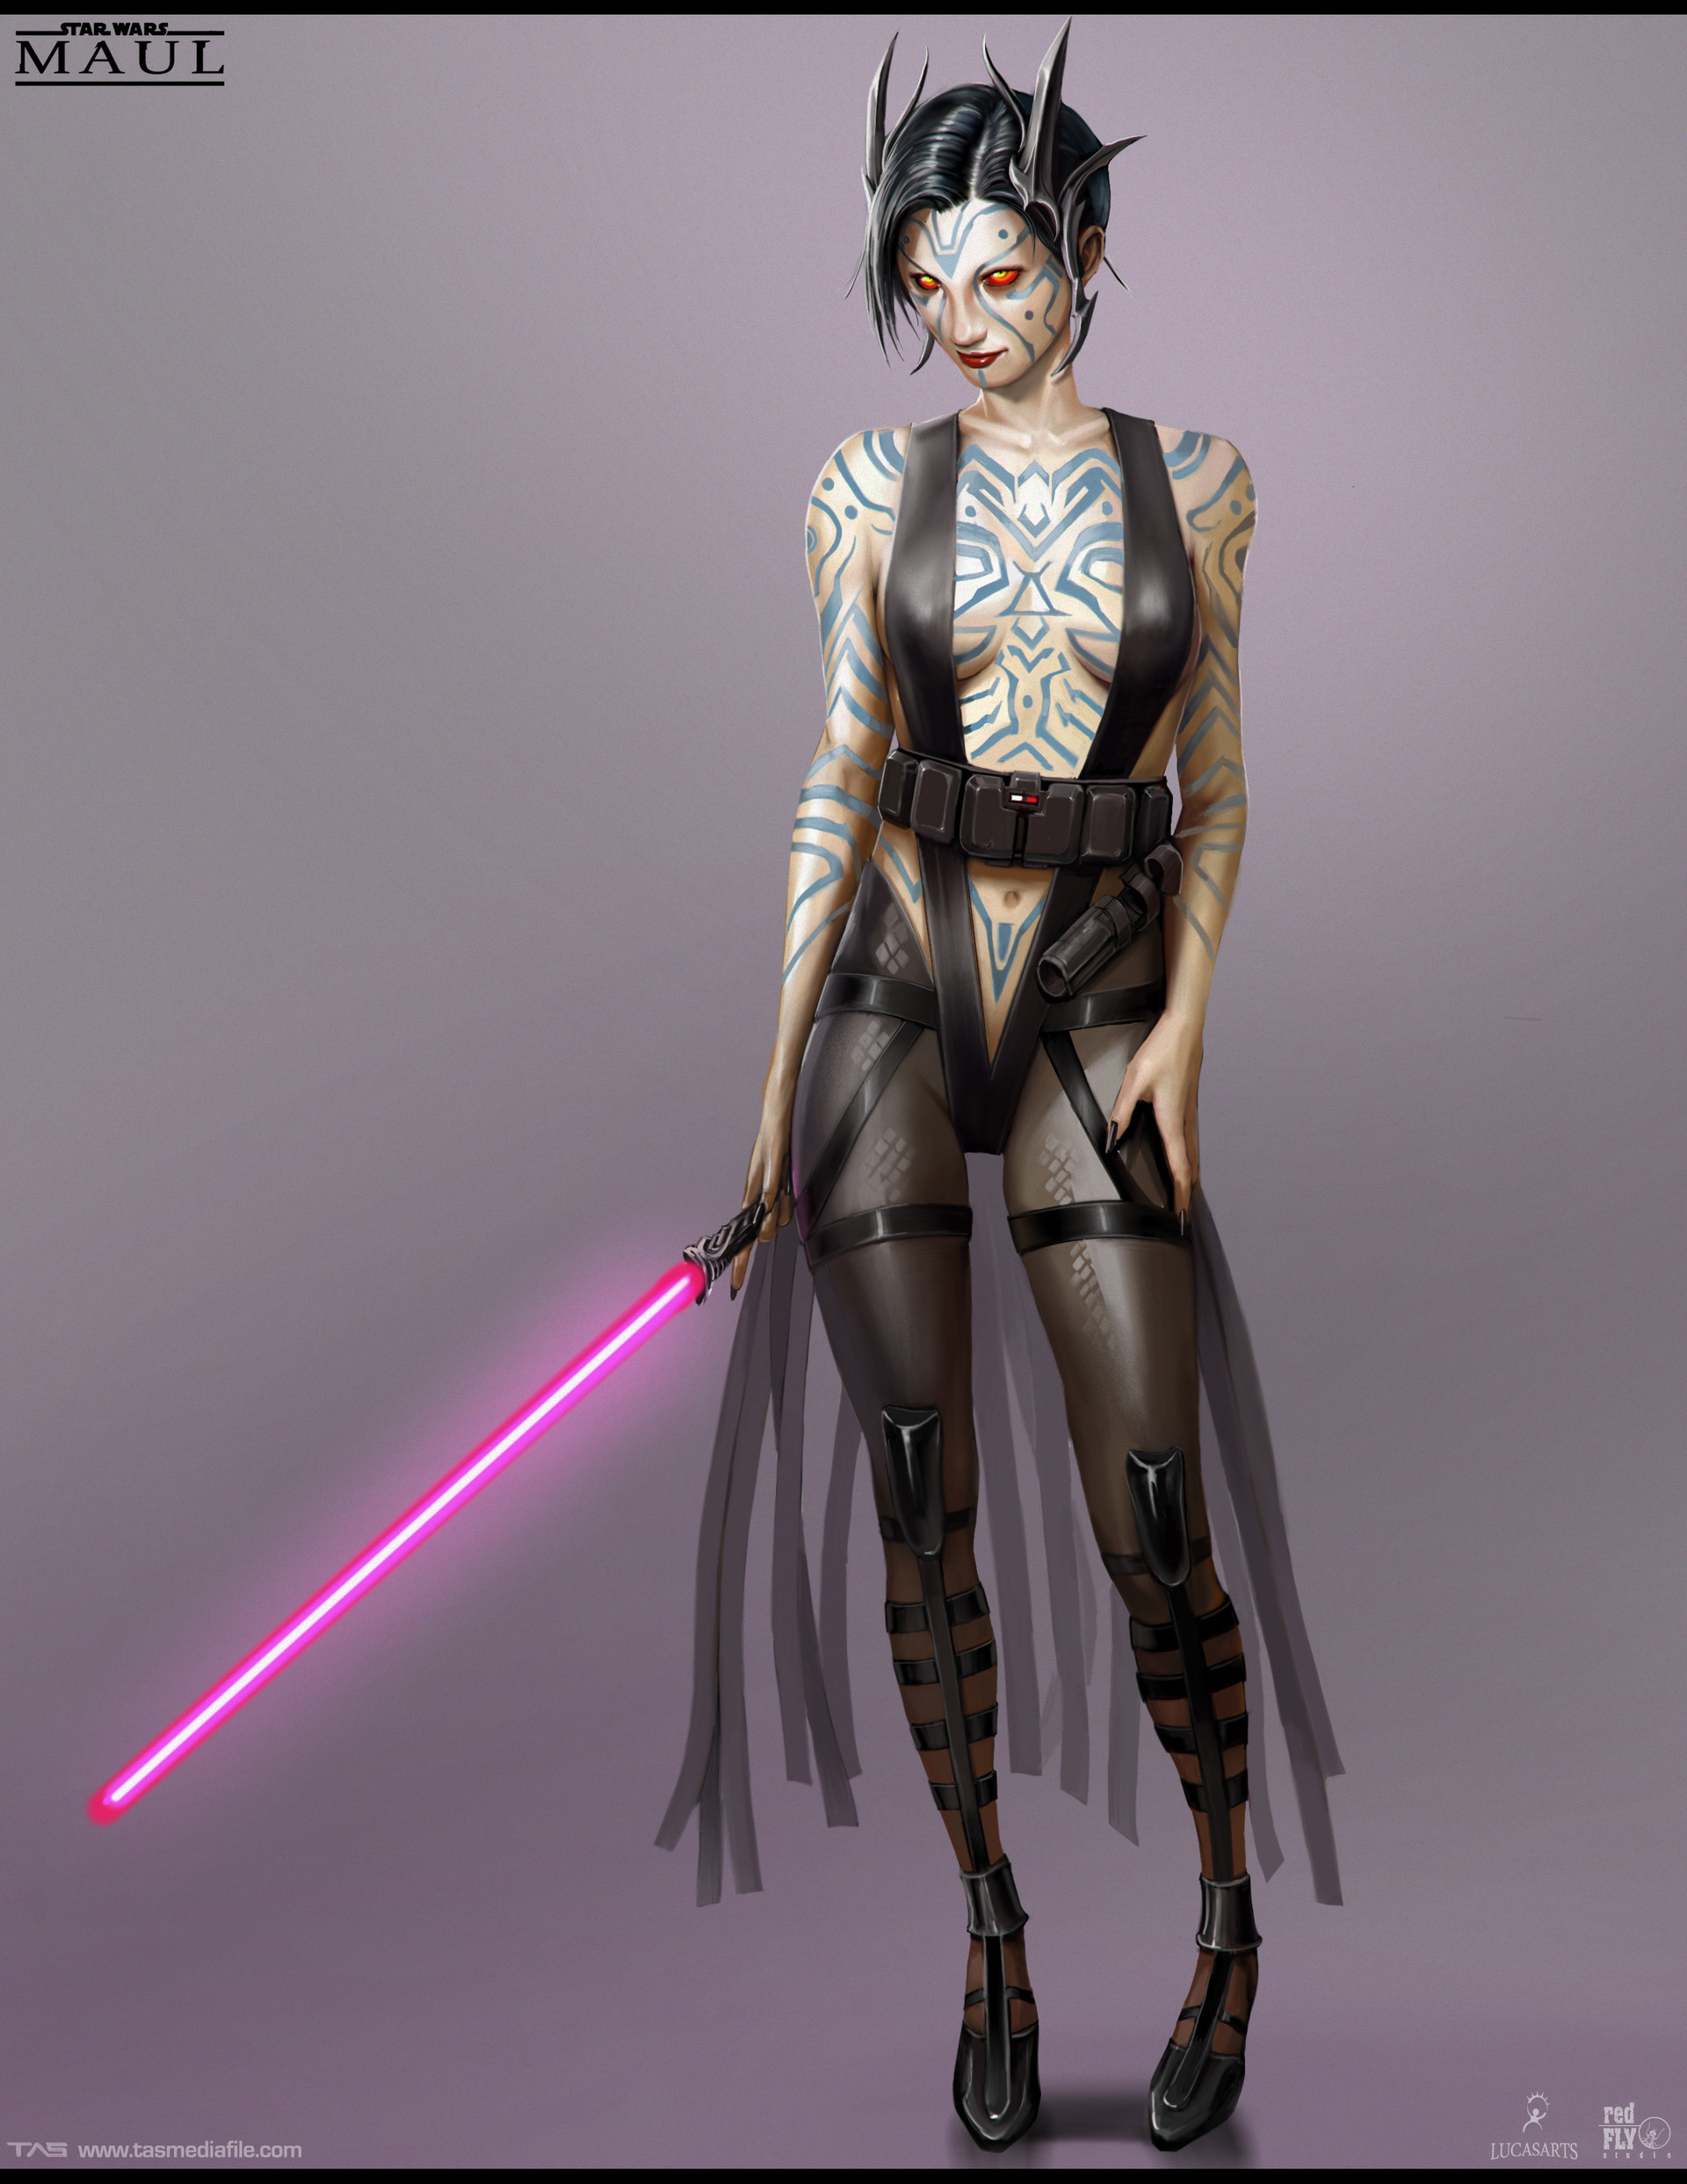 Množství obrazových materiálů ze zrušené Star Wars hry s Darthem Maulem 136598